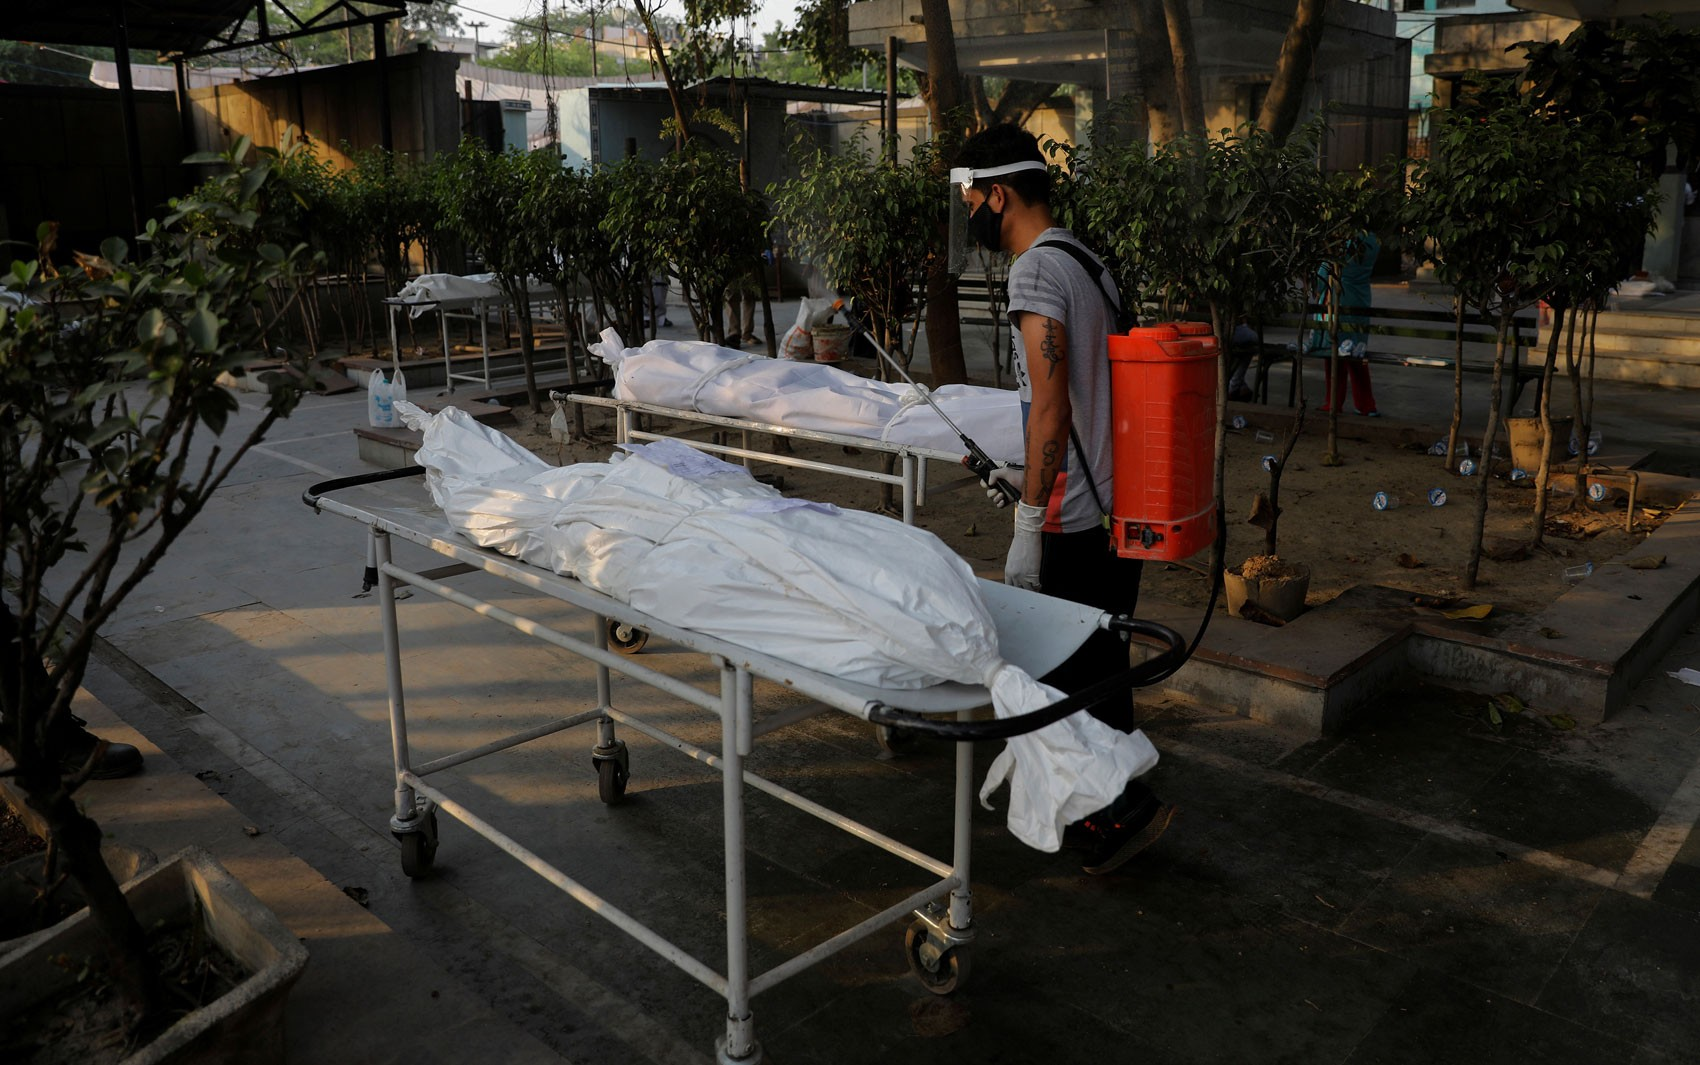 Dezenas de corpos de possíveis vítimas da Covid-19 aparecem às margens do Ganges, na Índia